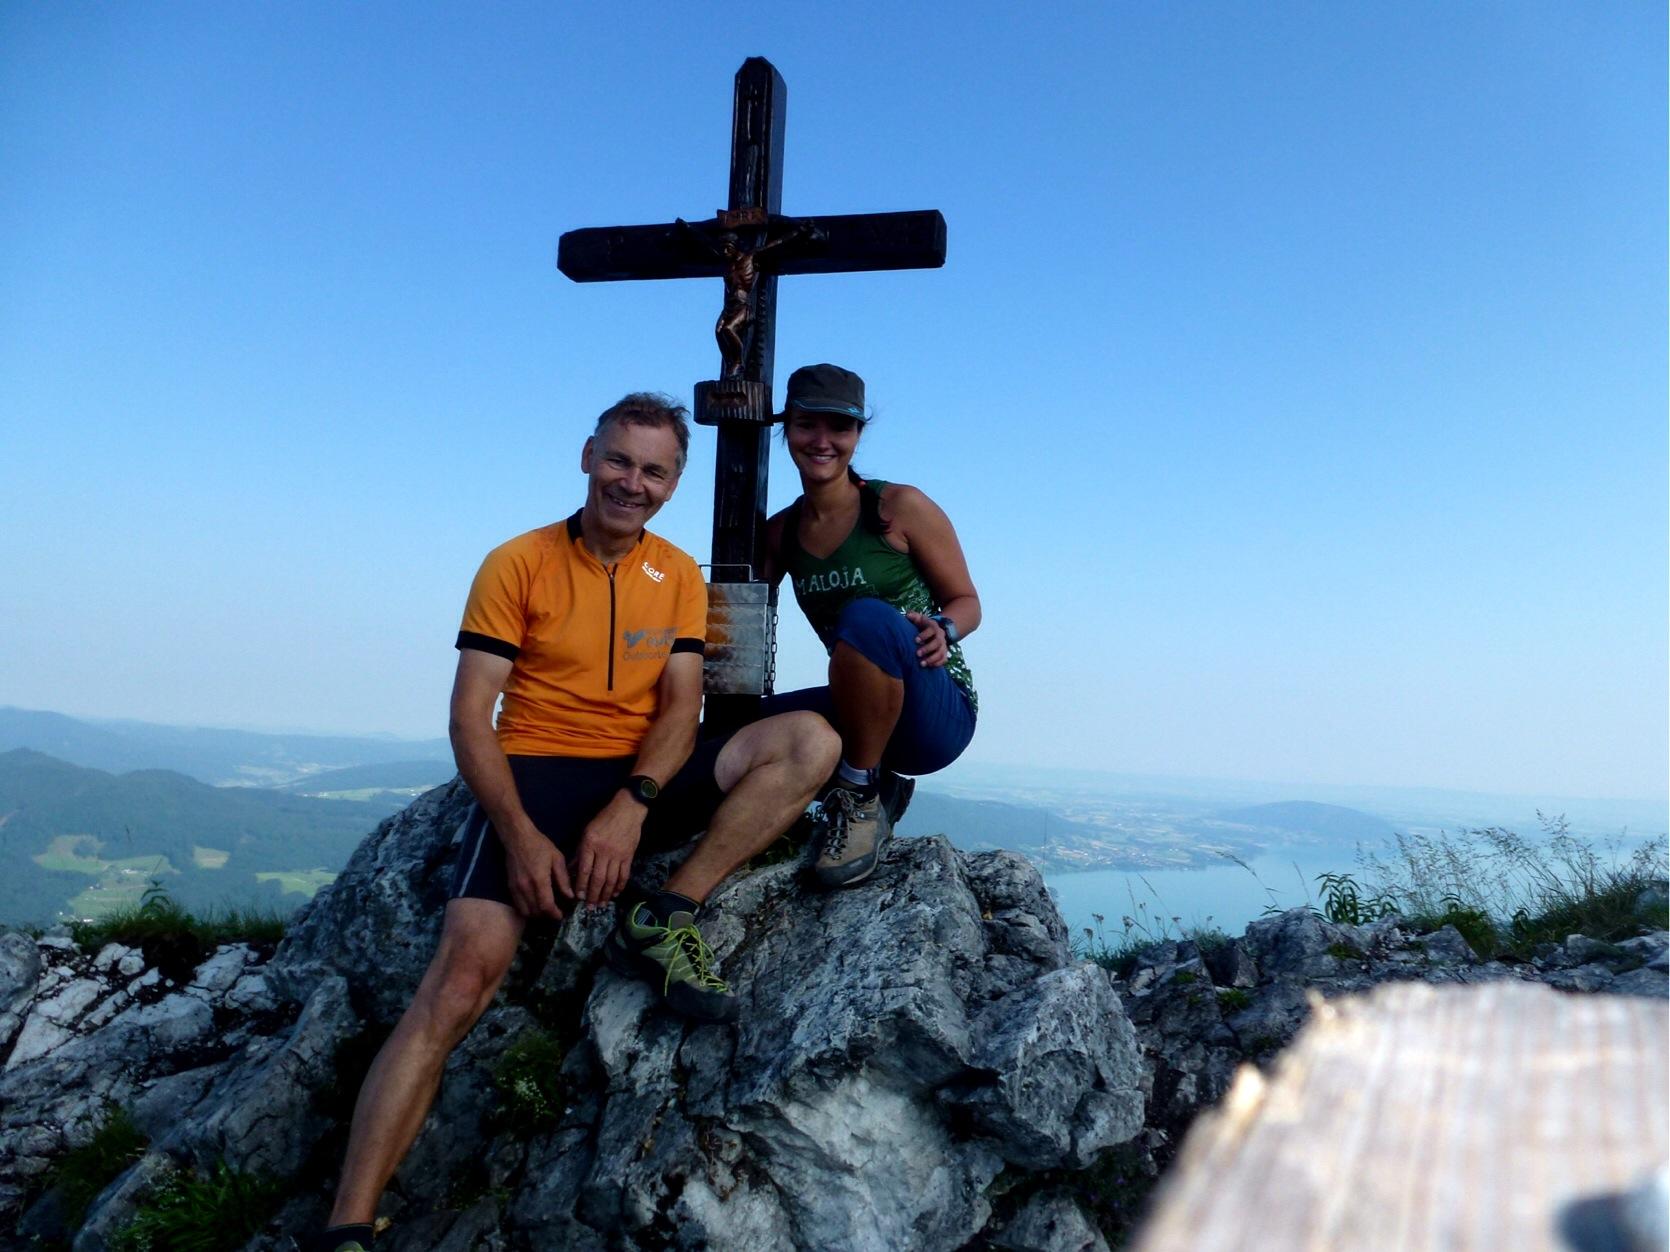 Klettersteig Mahdlgupf : Attersee klettersteig bergsteigen